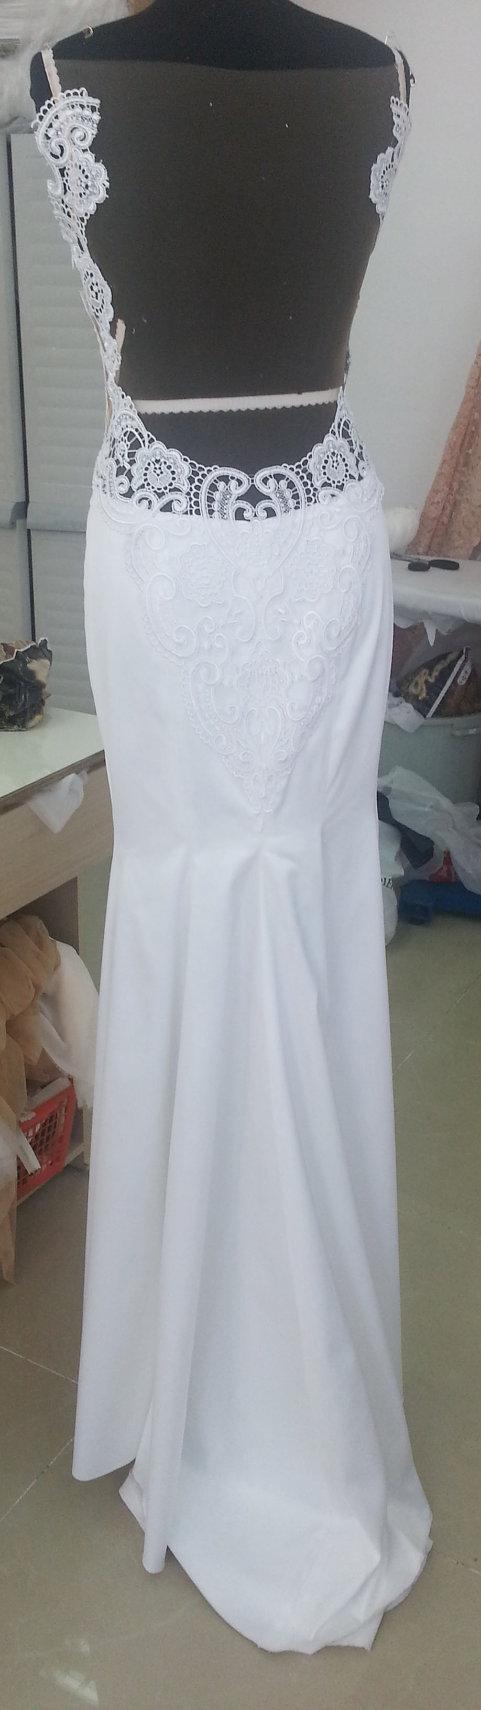 Wedding dress wedding dress material